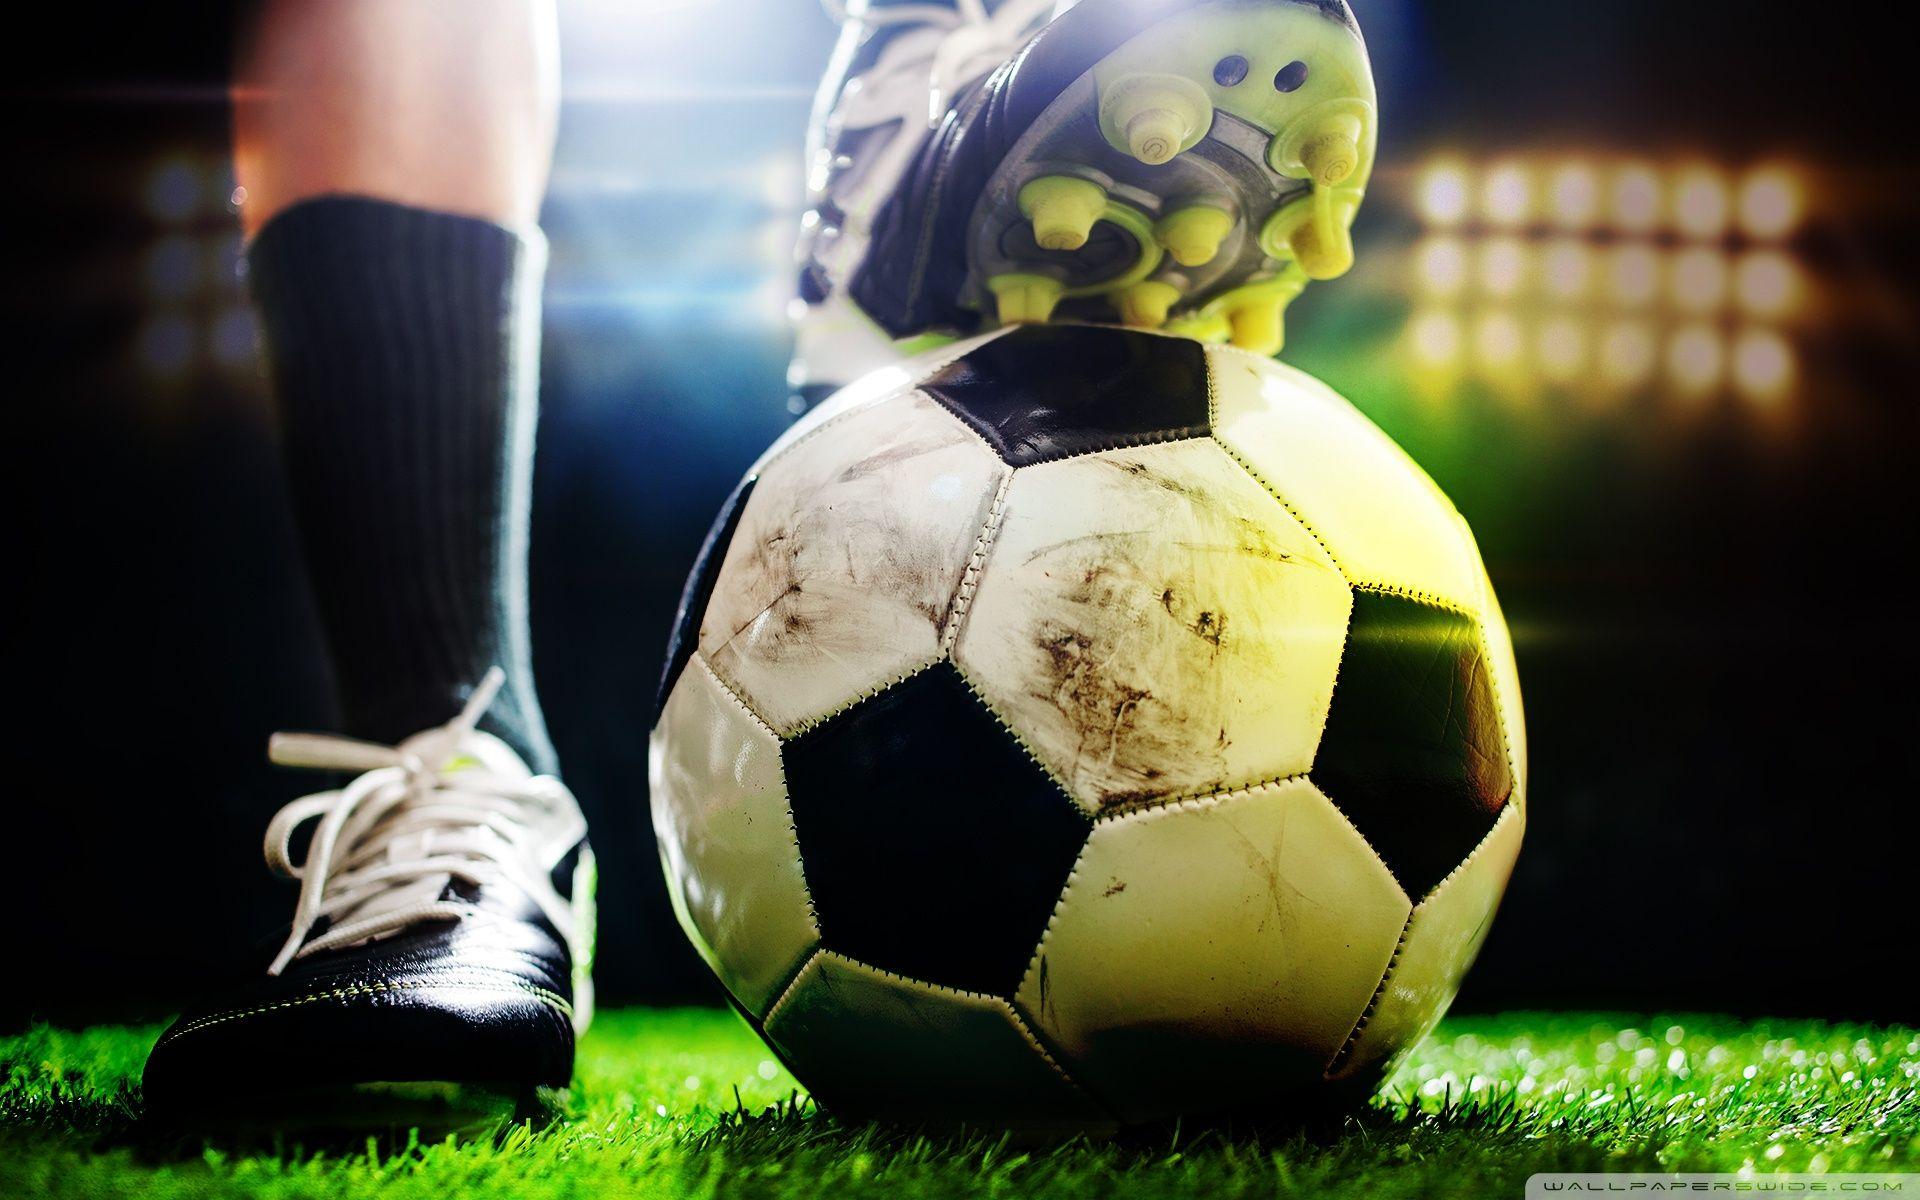 Soccer HD Wallpapers for Desktop k D HD Background Football High | HD Wallpapers | Pinterest ...